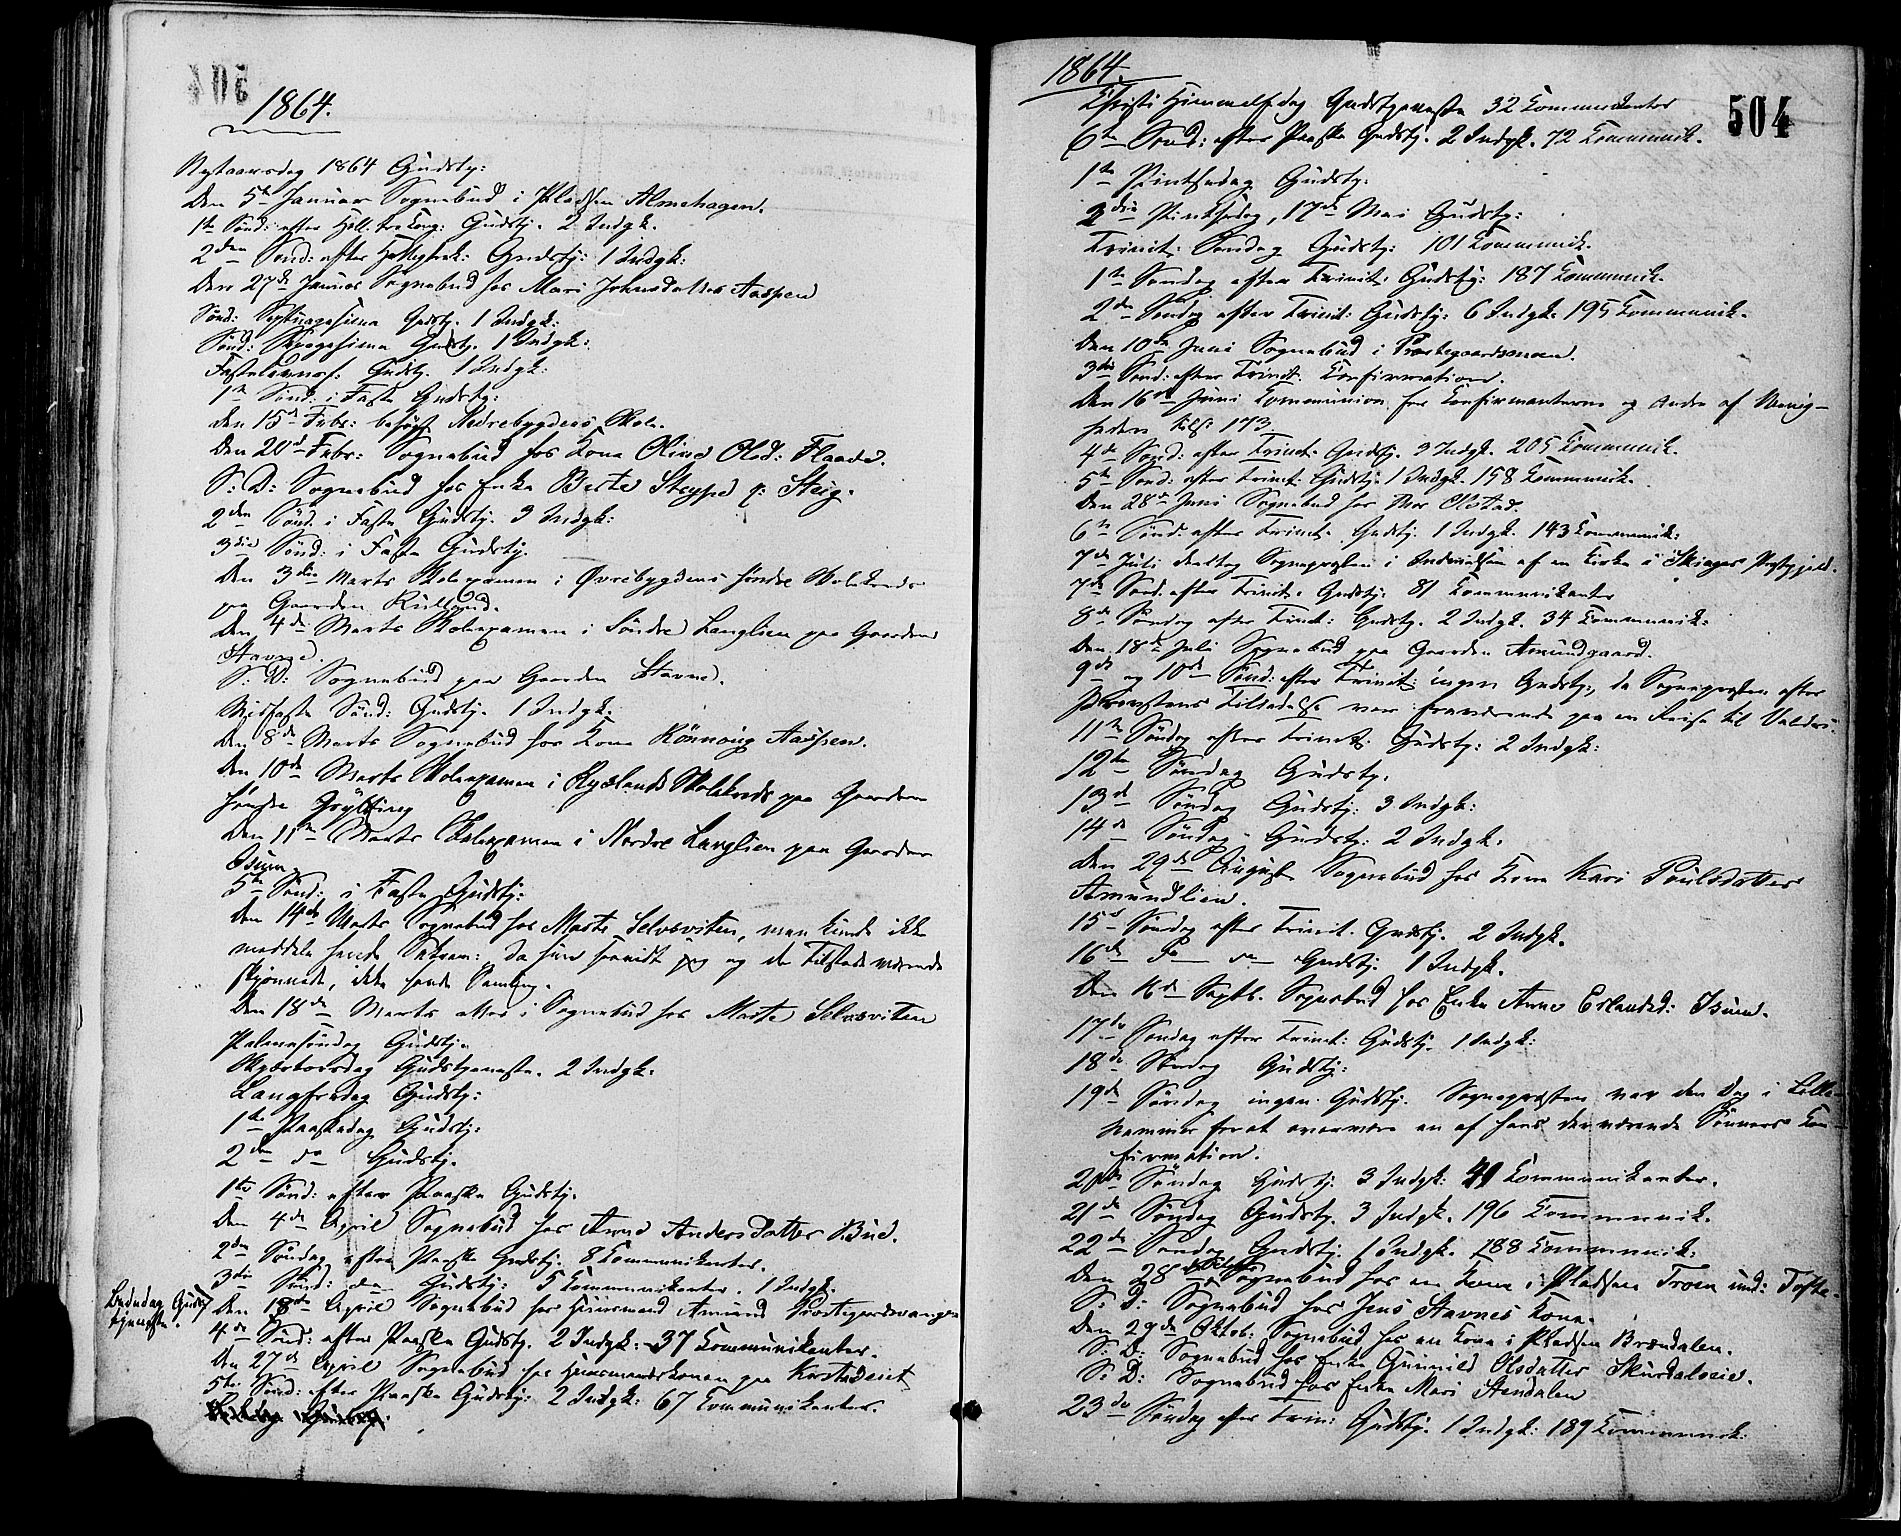 SAH, Sør-Fron prestekontor, H/Ha/Haa/L0002: Ministerialbok nr. 2, 1864-1880, s. 504